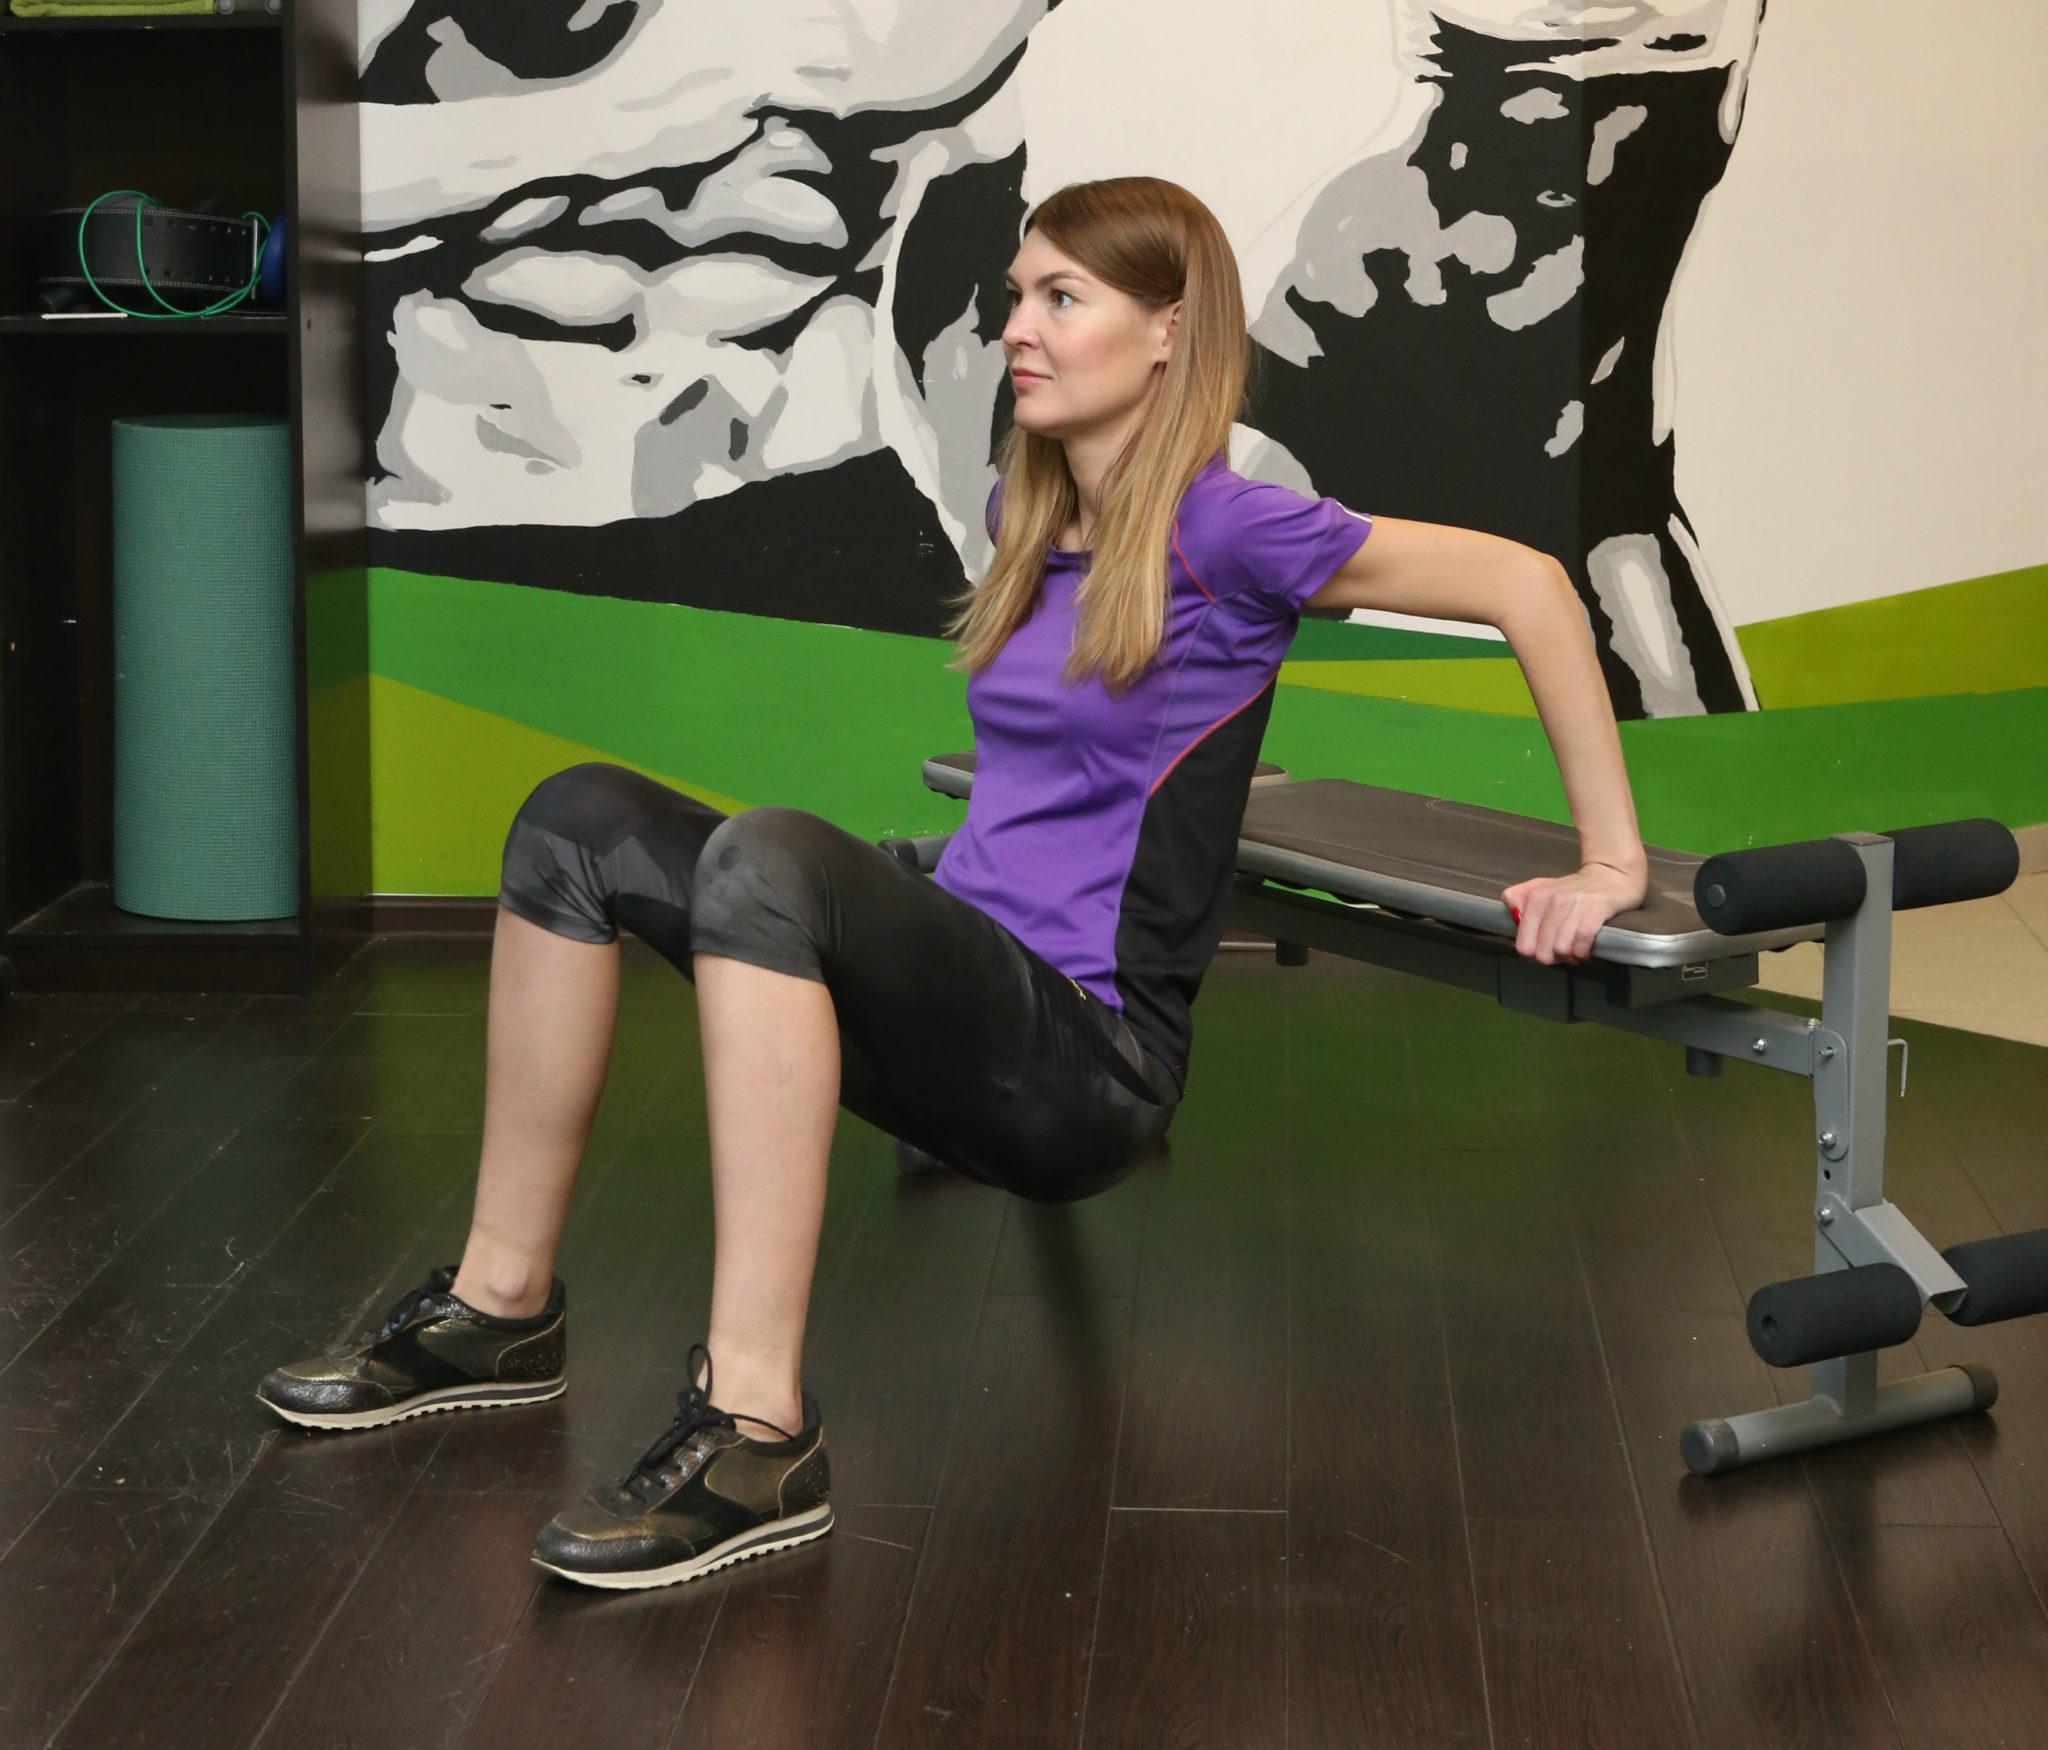 7 бесполезных упражнений, которые непосоветует ни один тренер